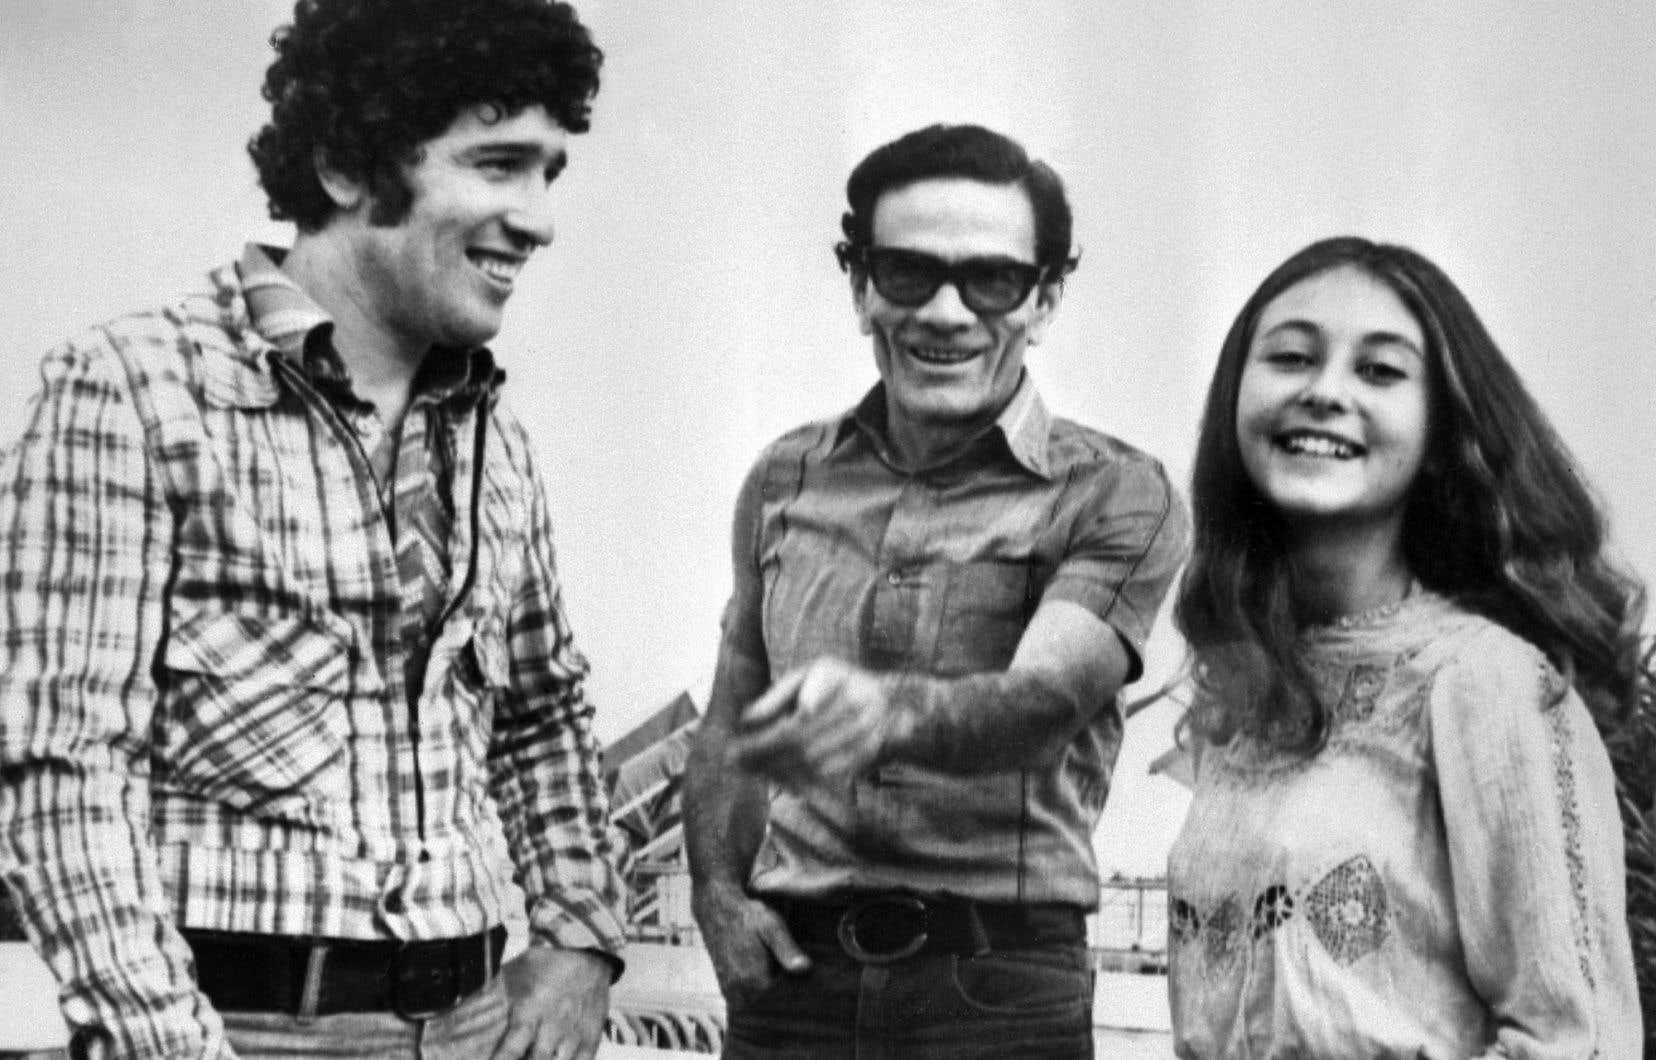 Pier Paolo Pasolini avec les acteurs principaux d'«Il fiore delle mille e una notte», Ninetto Davoli et Tessa Bouchet, au Festival de Cannes en 1974.